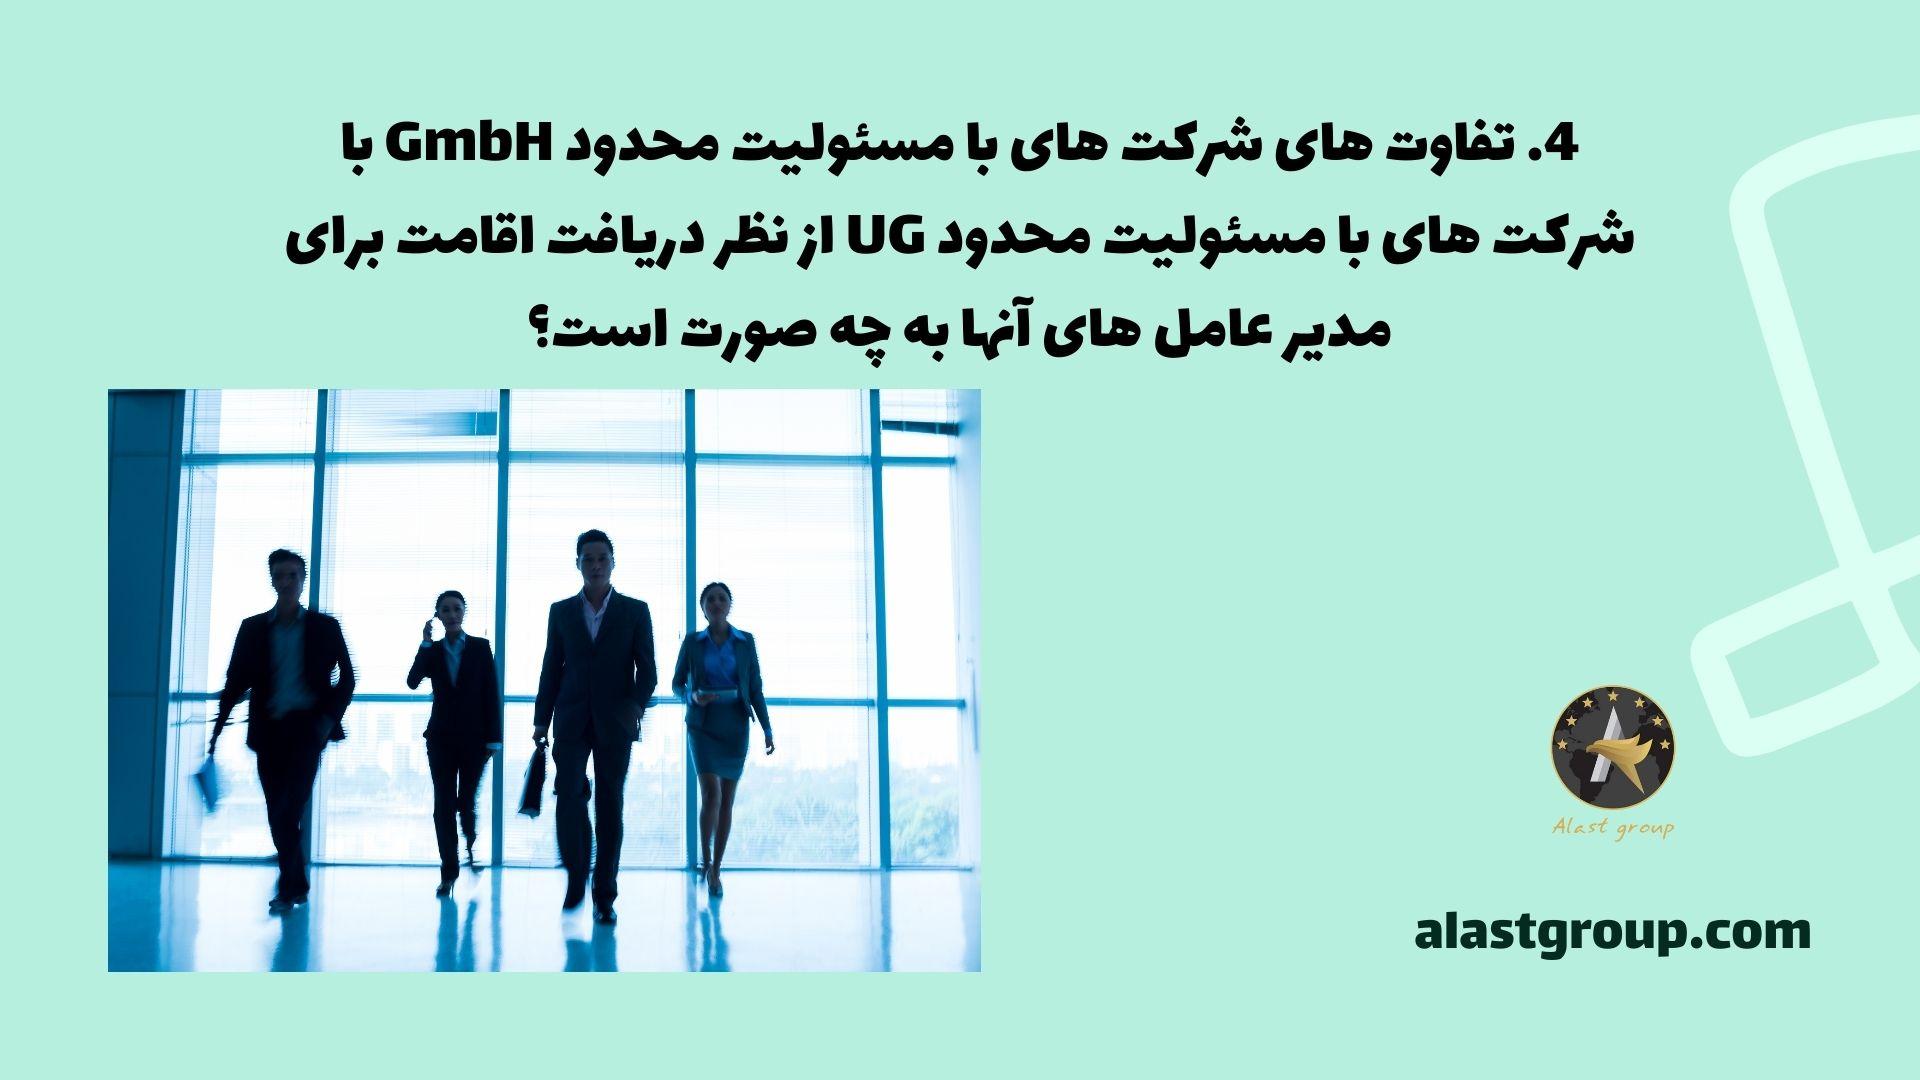 تفاوت های شرکت های با مسئولیت محدود GmbH با شرکت های با مسئولیت محدود UG از نظر دریافت اقامت برای مدیر عامل های آن ها به چه صورت است؟